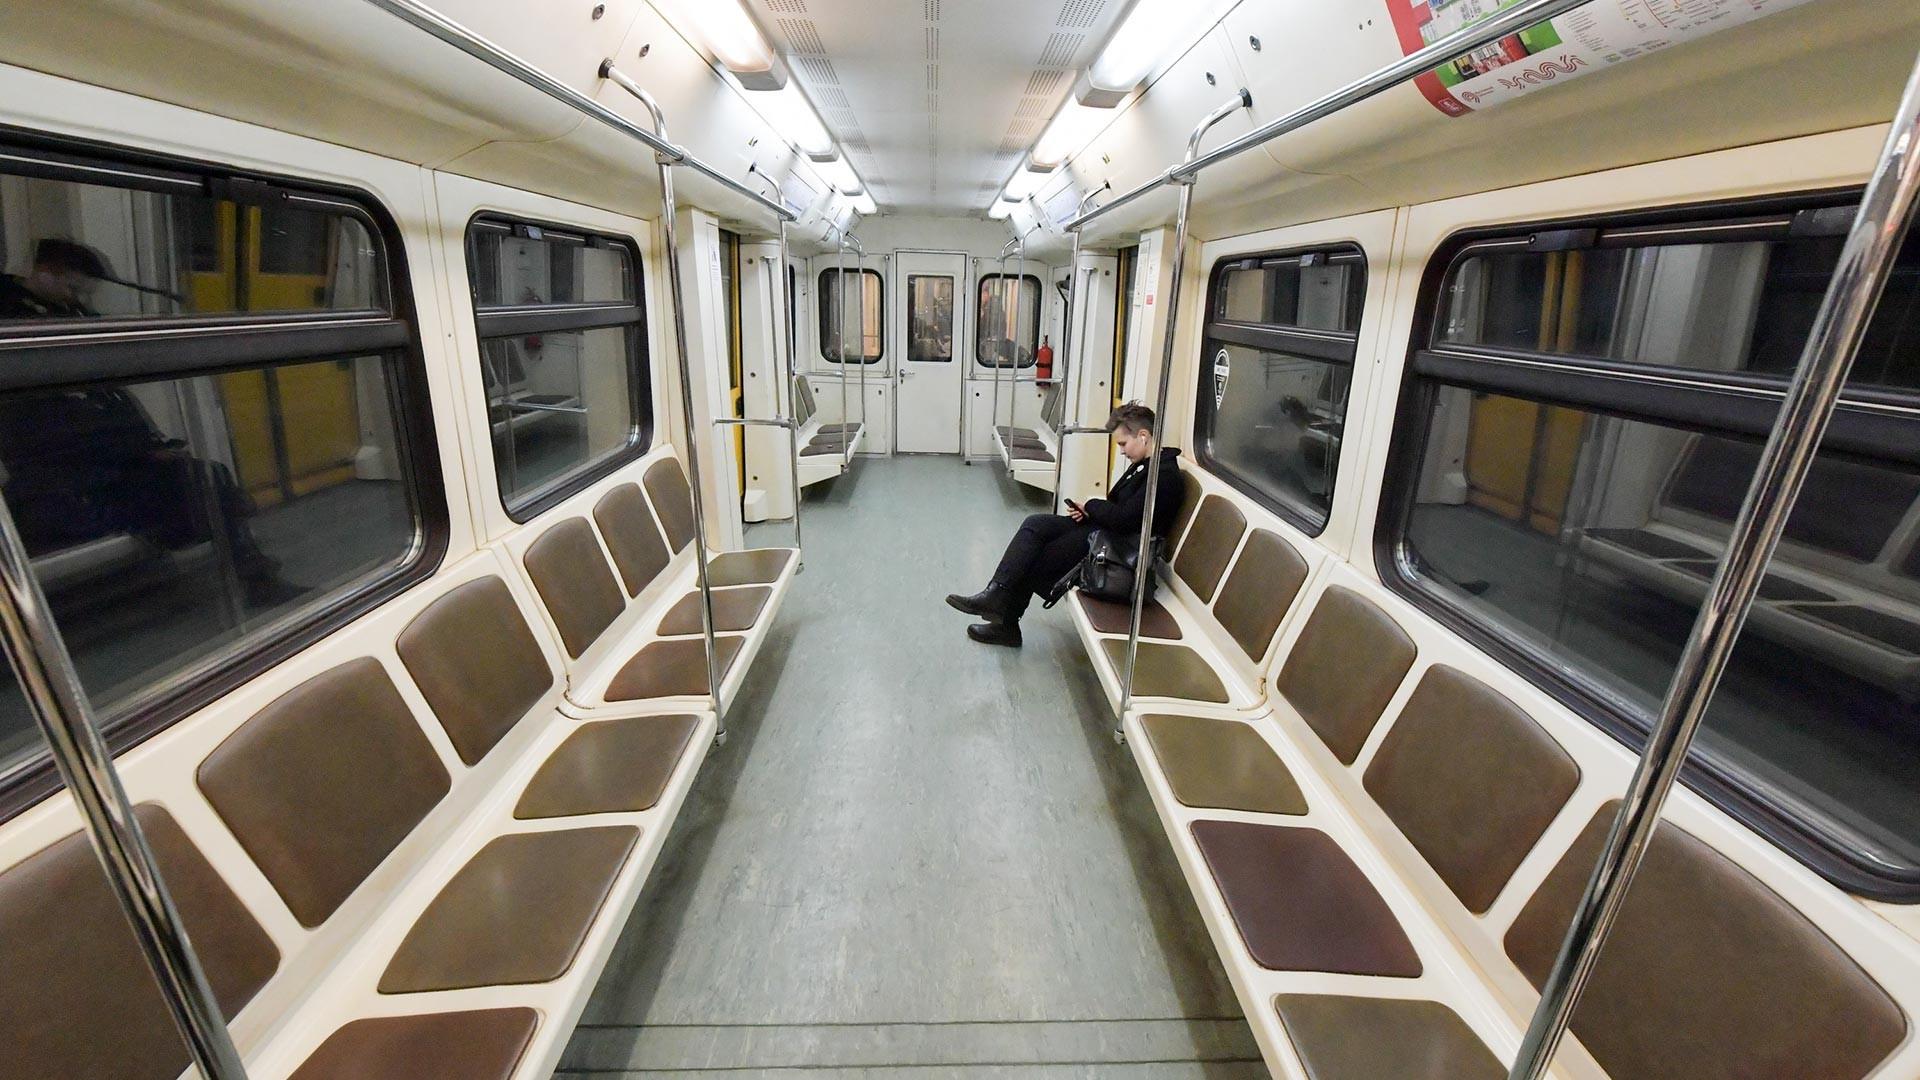 Le métro presque vide de la capitale